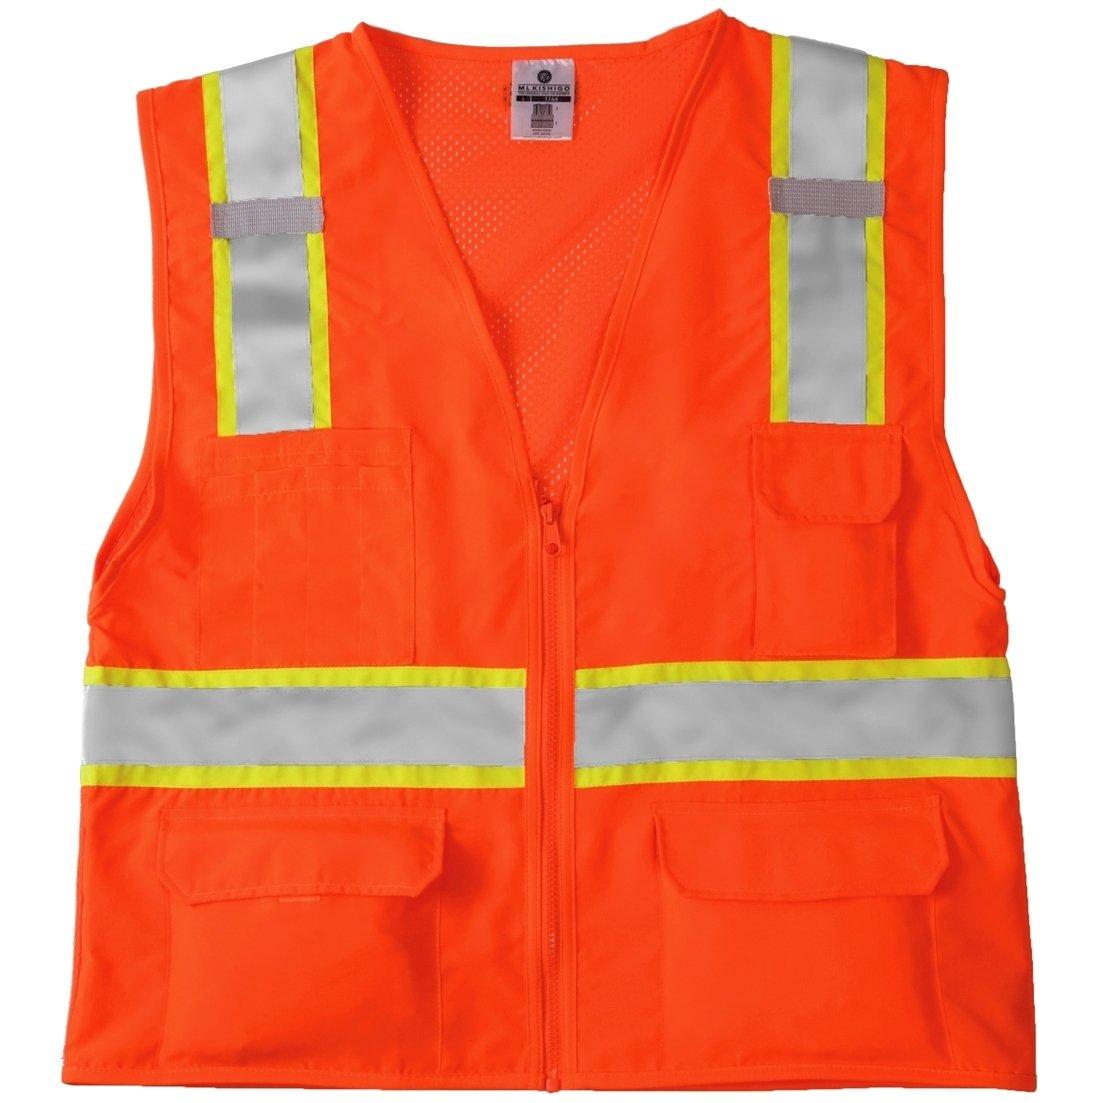 Kishigo 1164 Ultra-Cool Mesh Back Solid Front Vest, 3X-Large, Orange